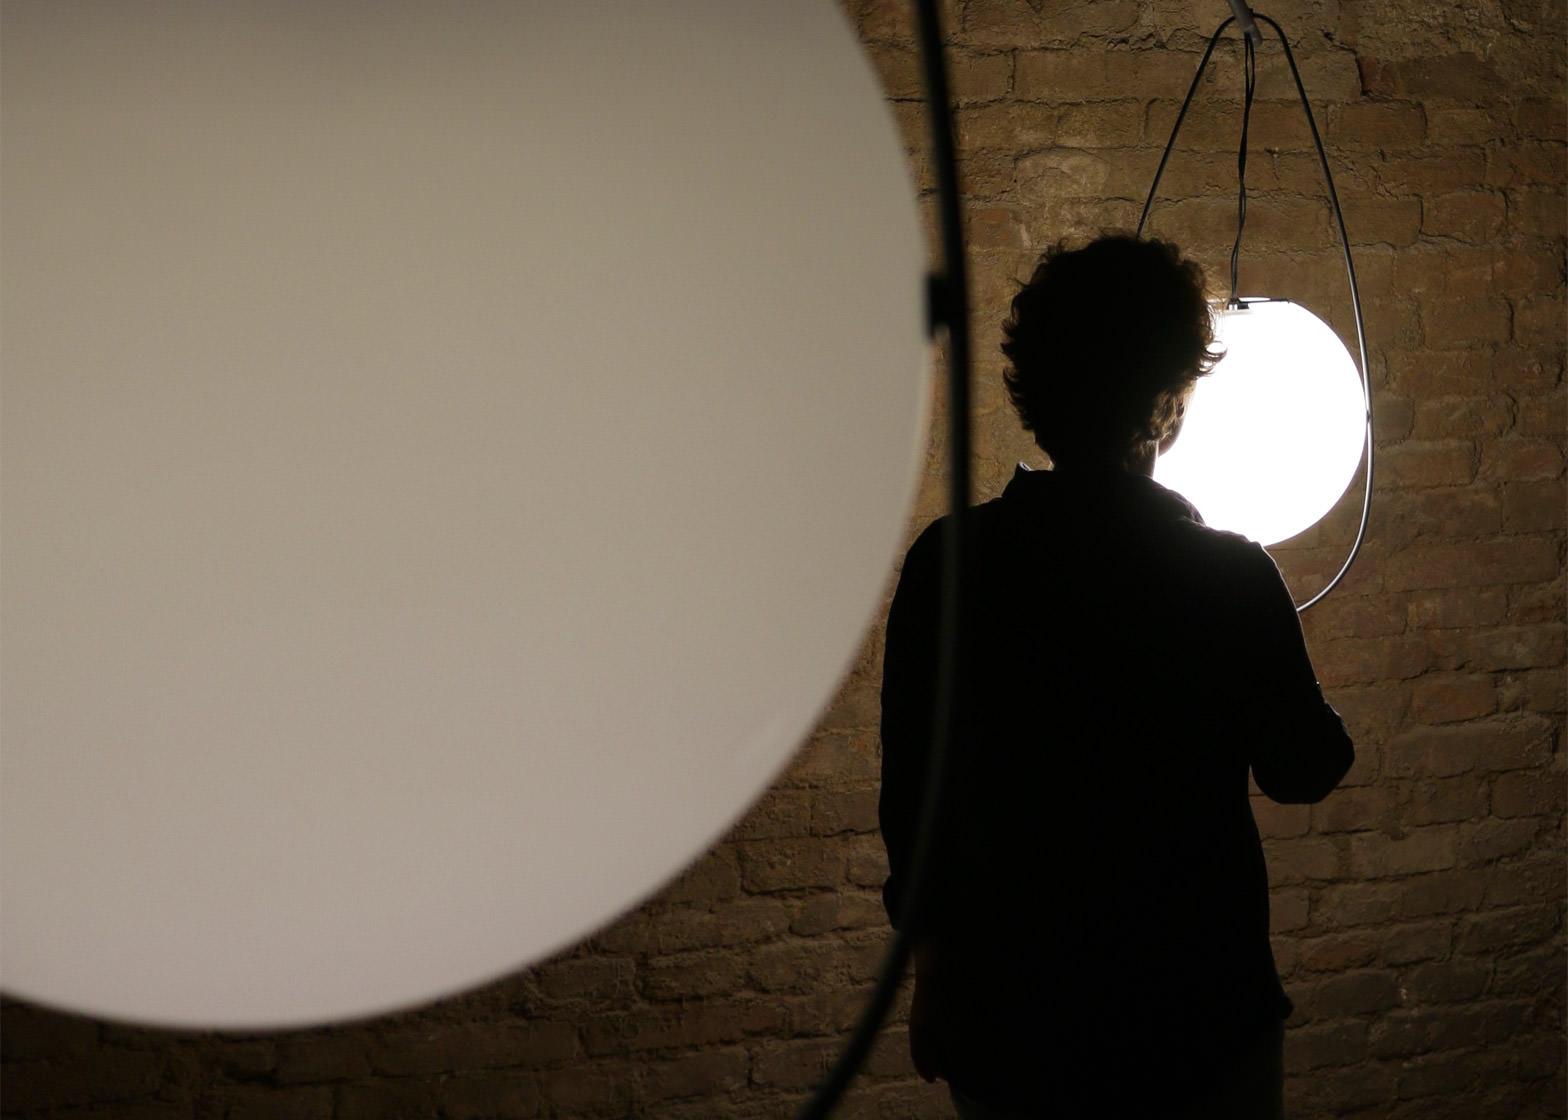 equilumen-mischer-traxler-light-distribution-glas-sphere-design-lighting-motion_dezeen_1568_2